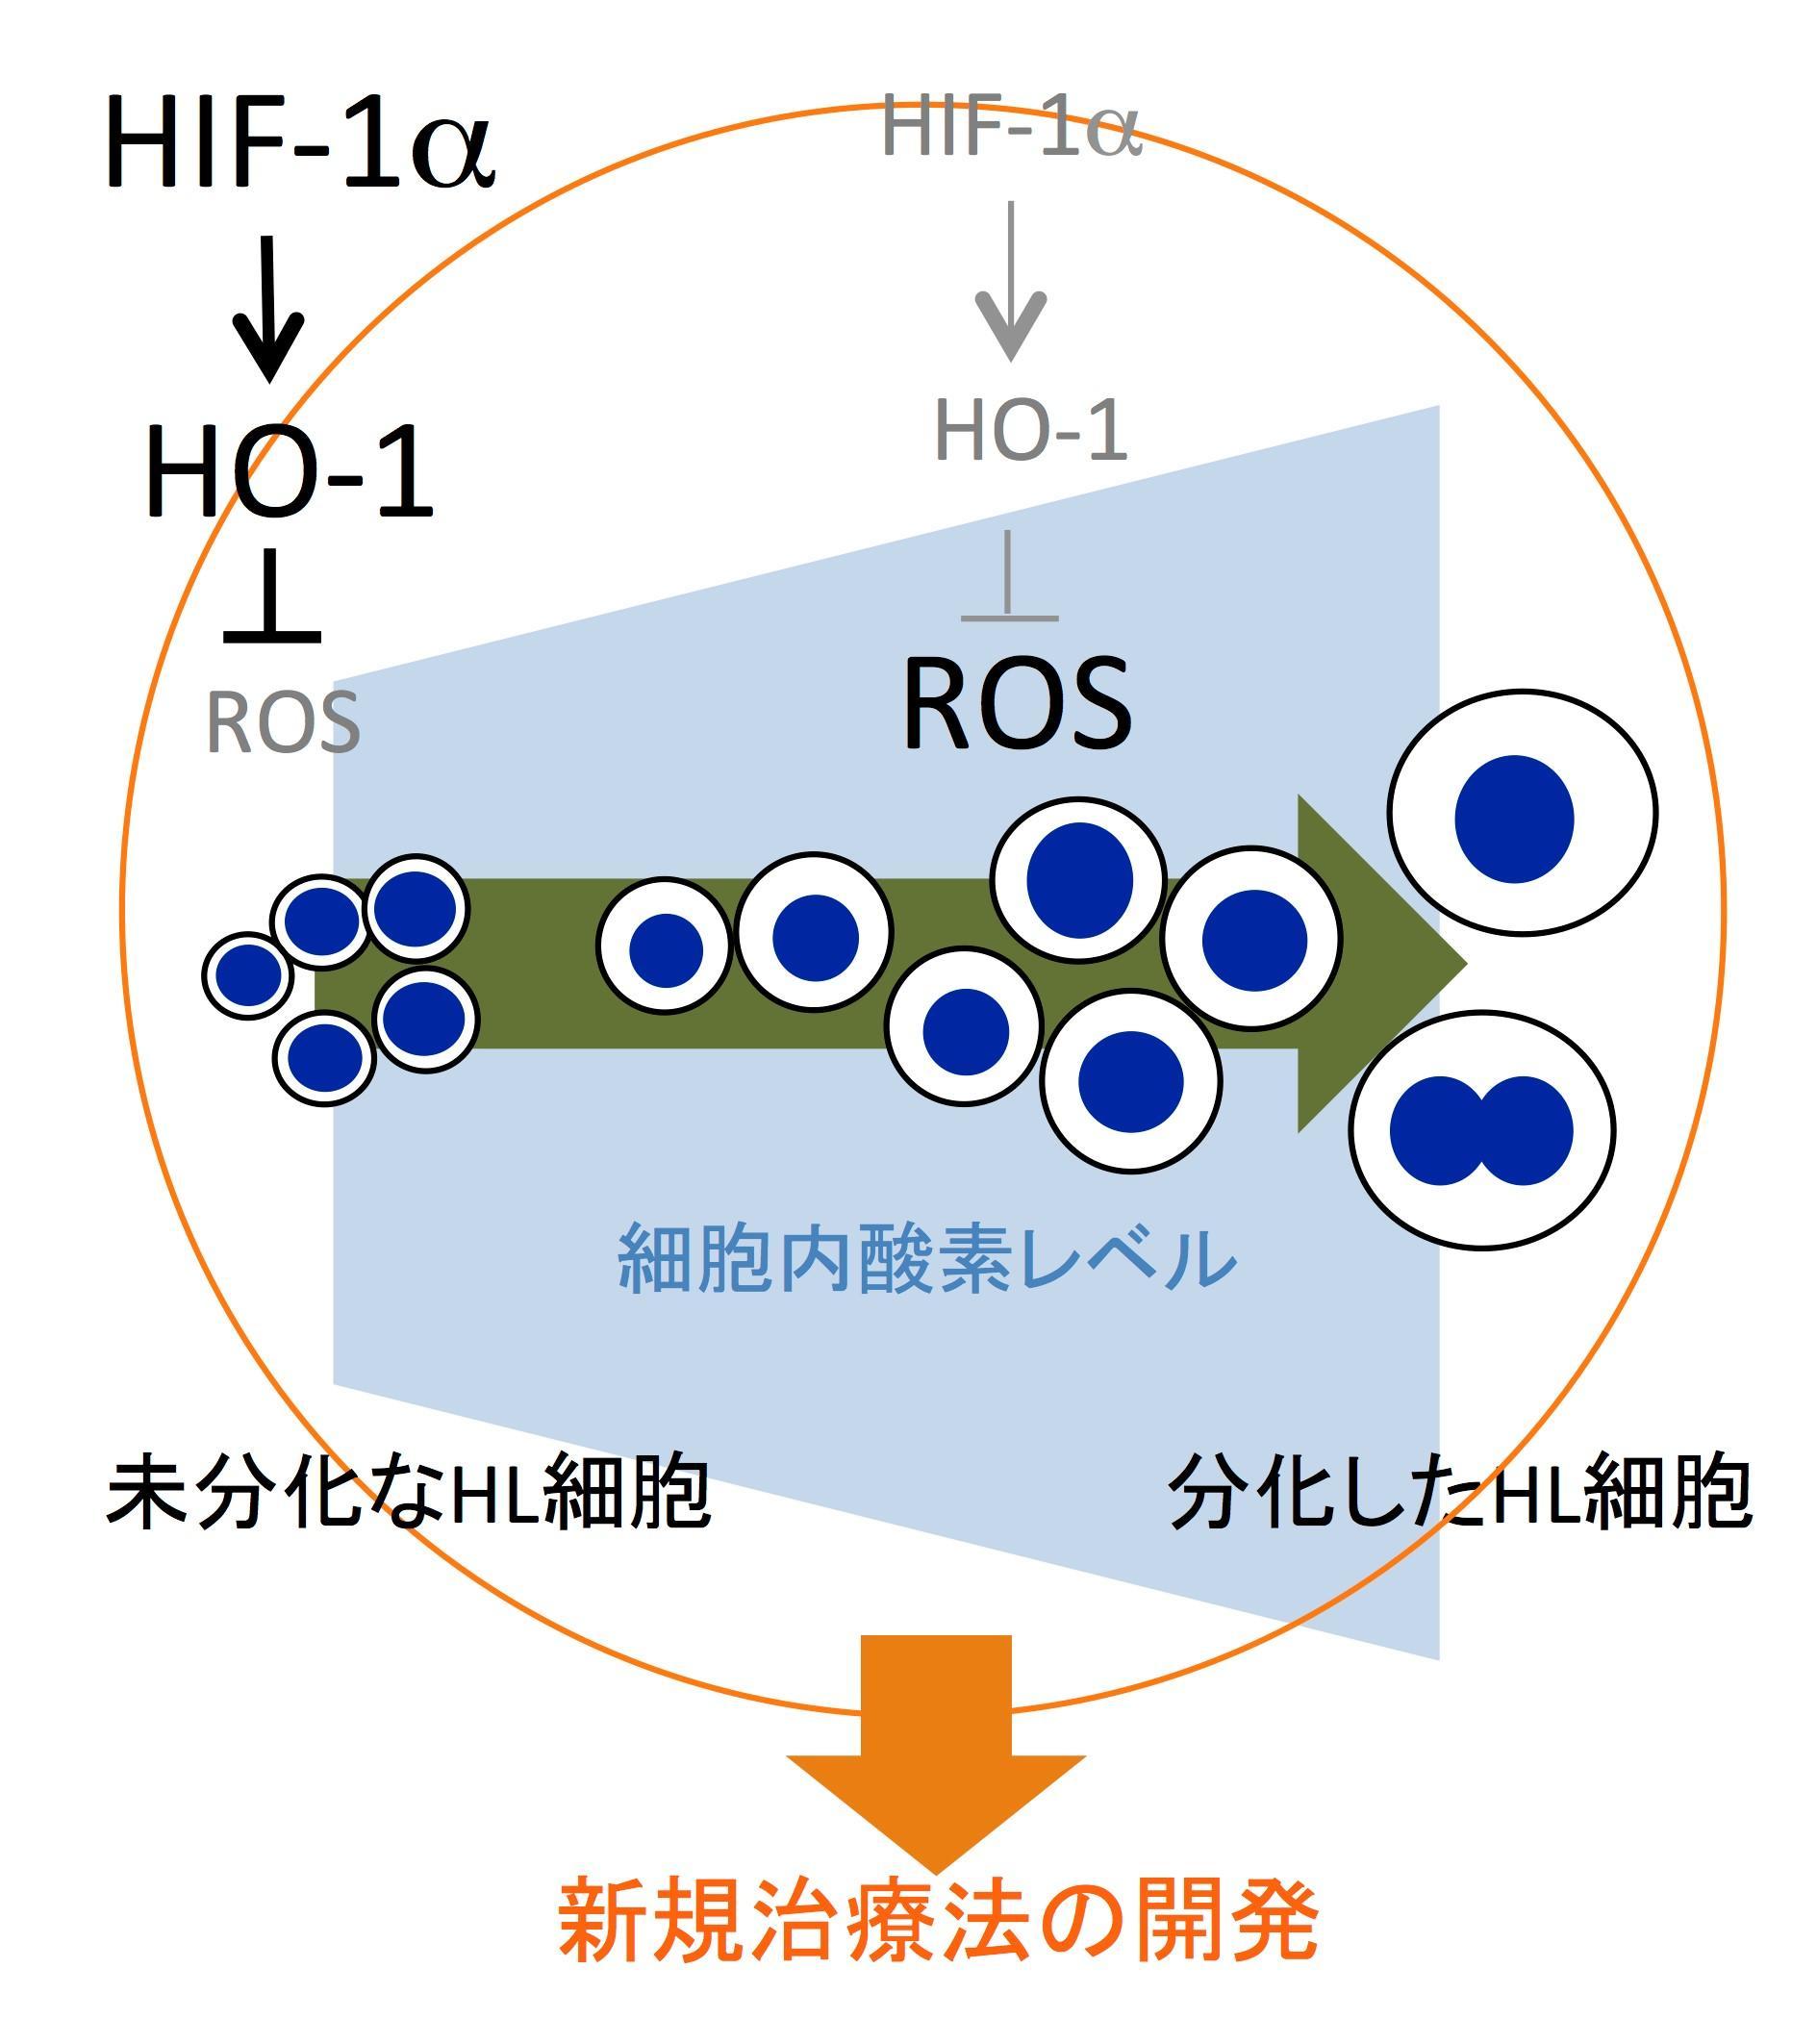 がん細胞の分化制御機構の解明と治療への応用の可能性 -- 北里大学